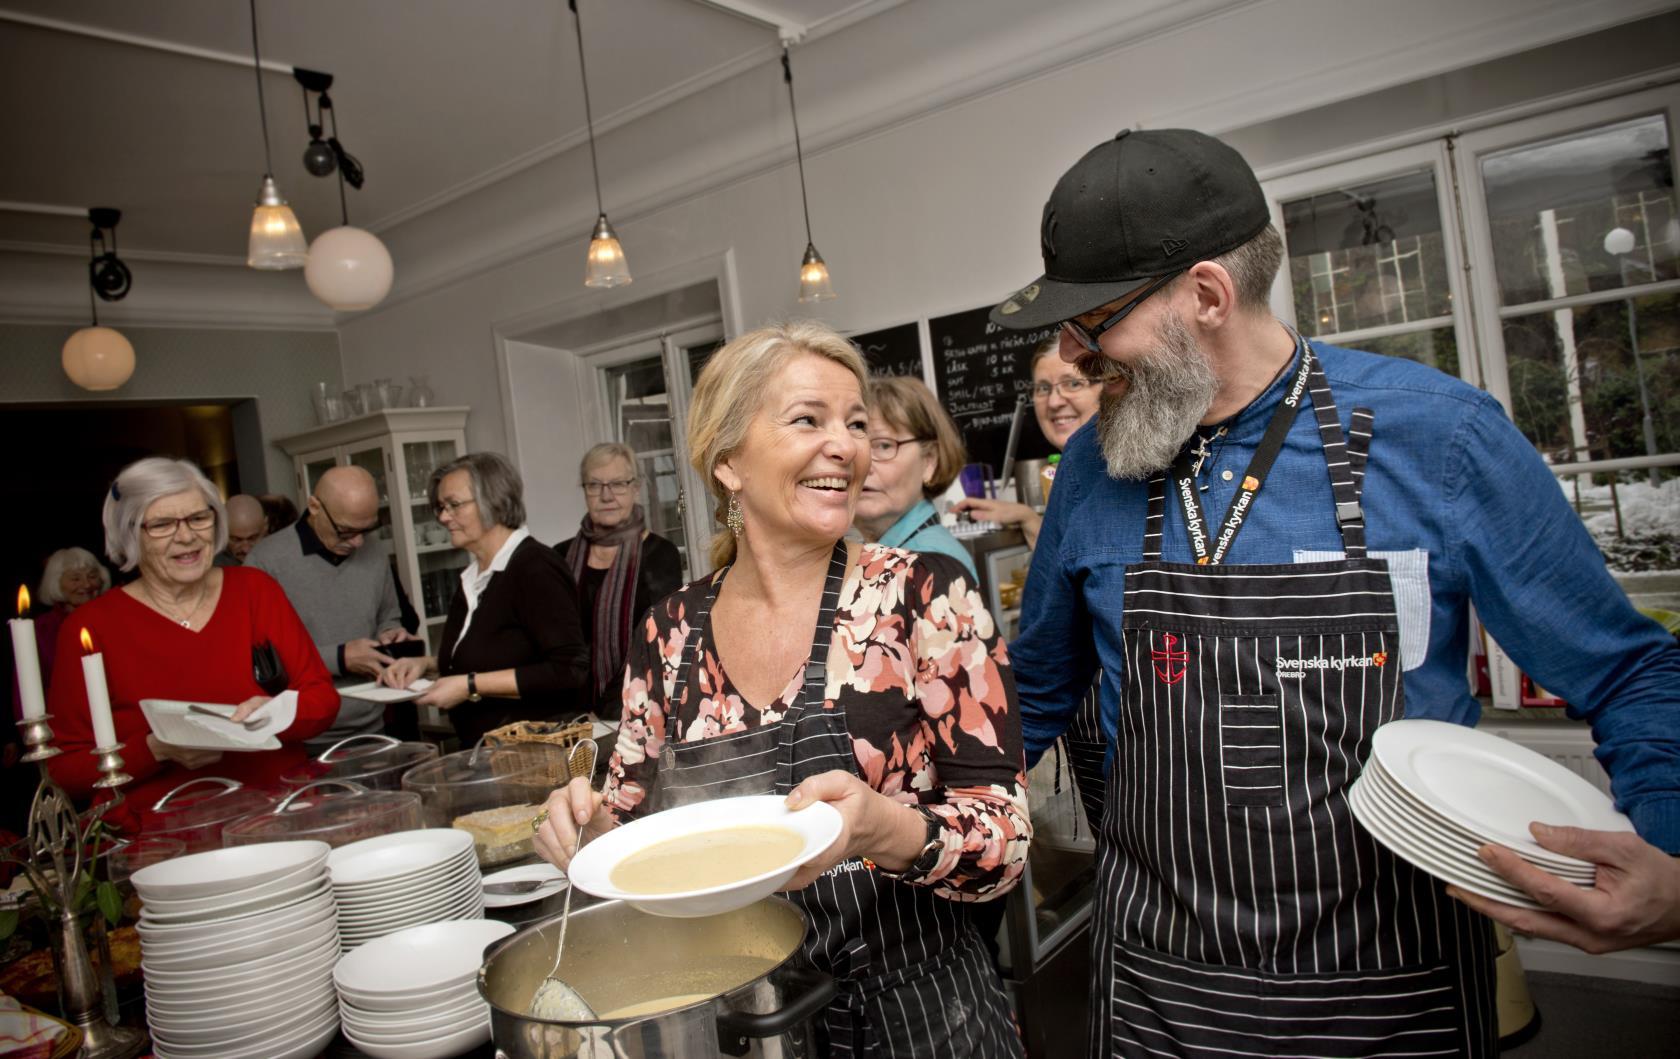 Att arbeta i Svenska kyrkan innebär att arbeta för något du tror på, och oftast arbete med människor på olika sätt. Bilden föreställer två personer som jobbar i Café Nikolai under en sopplunch.